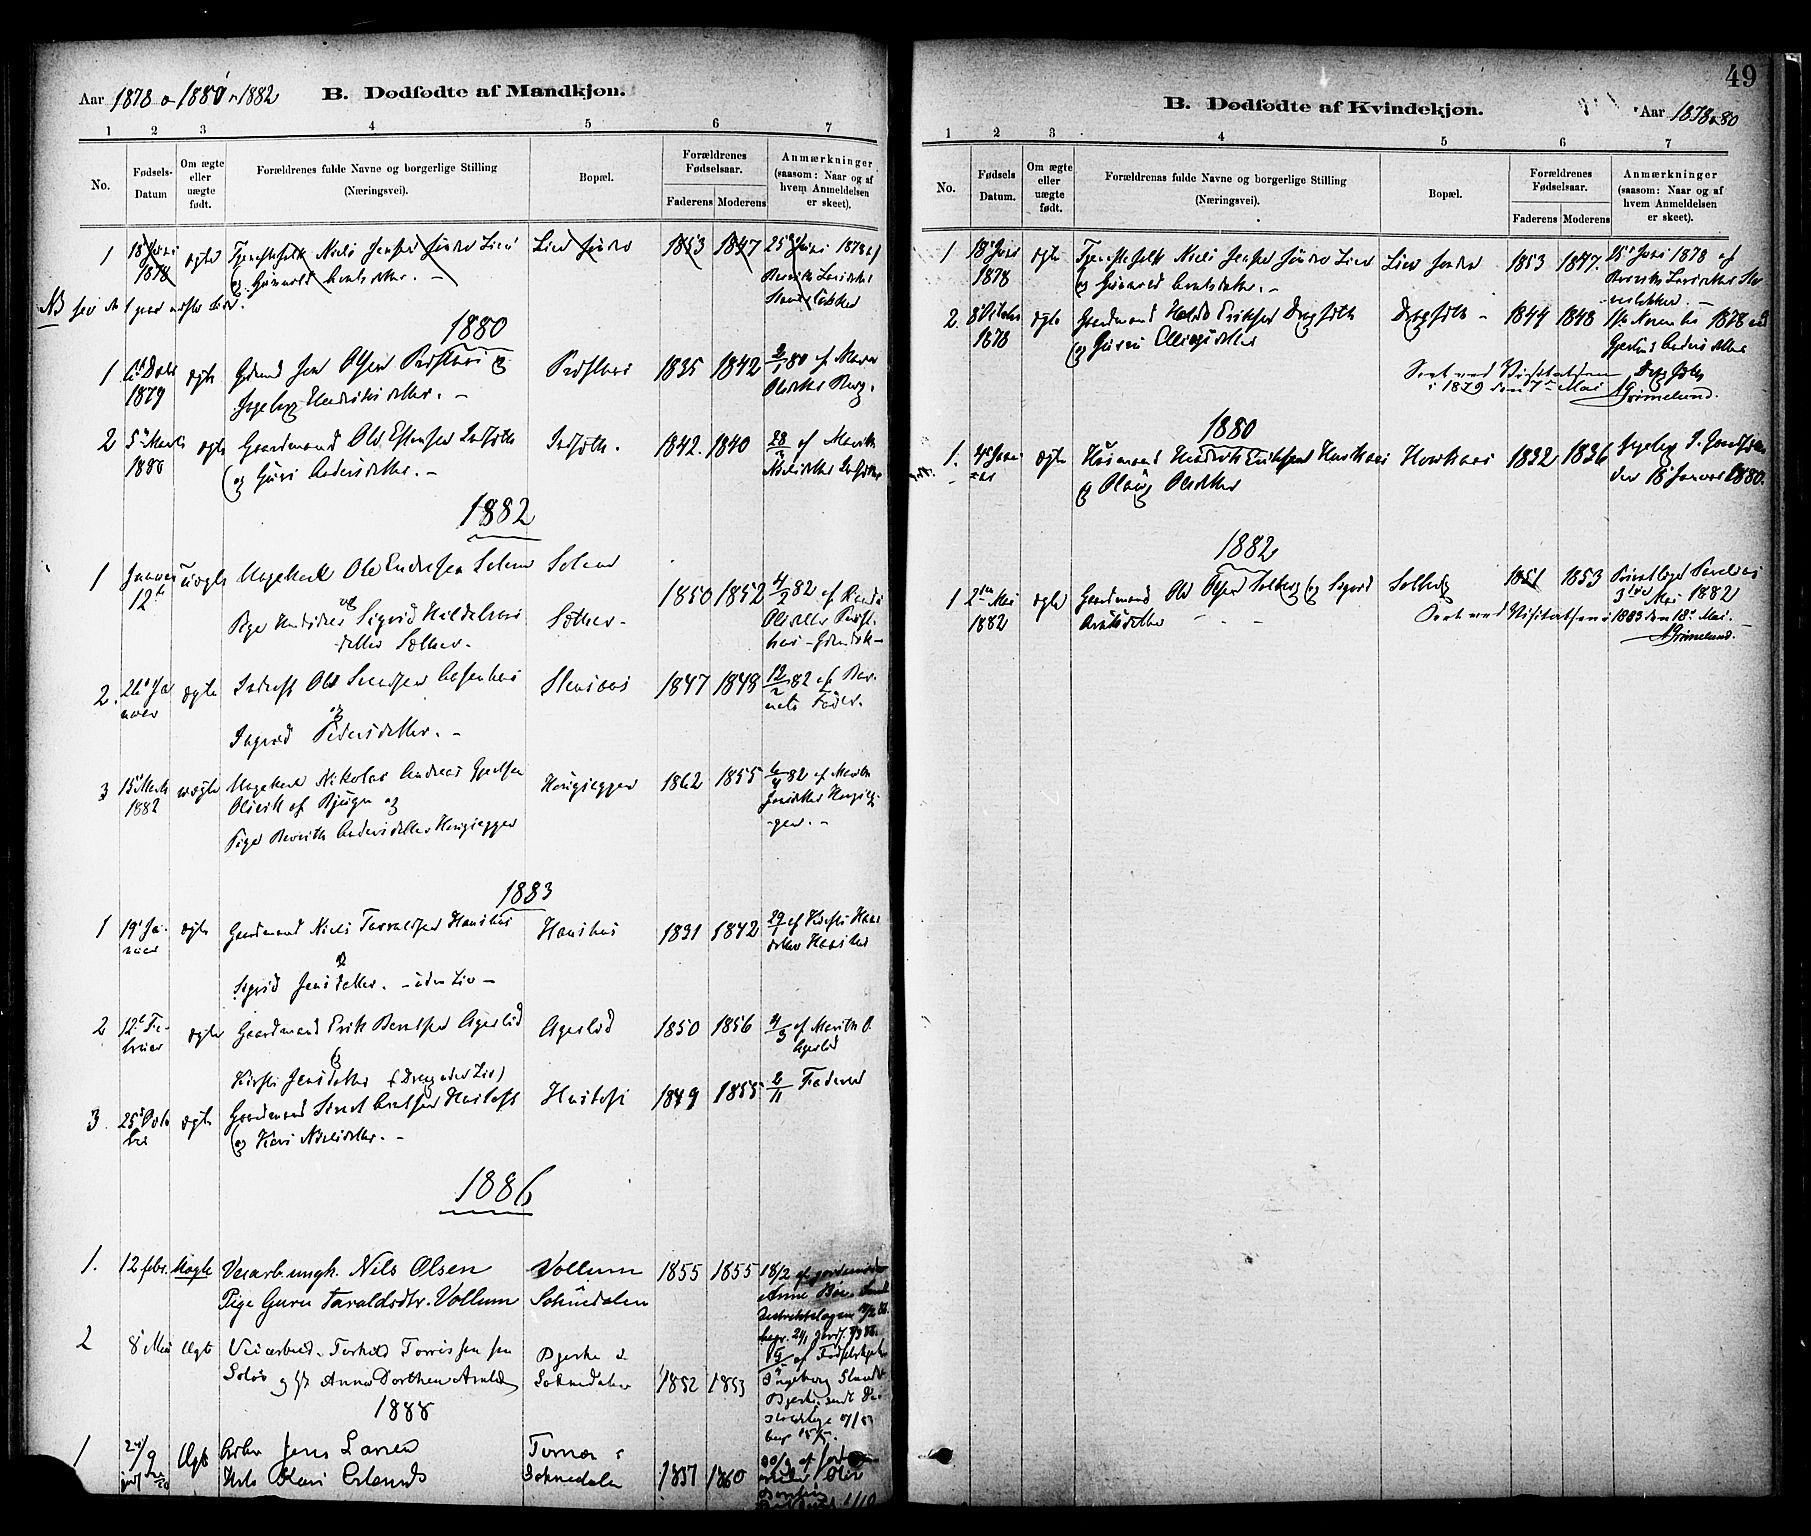 SAT, Ministerialprotokoller, klokkerbøker og fødselsregistre - Sør-Trøndelag, 689/L1040: Ministerialbok nr. 689A05, 1878-1890, s. 49